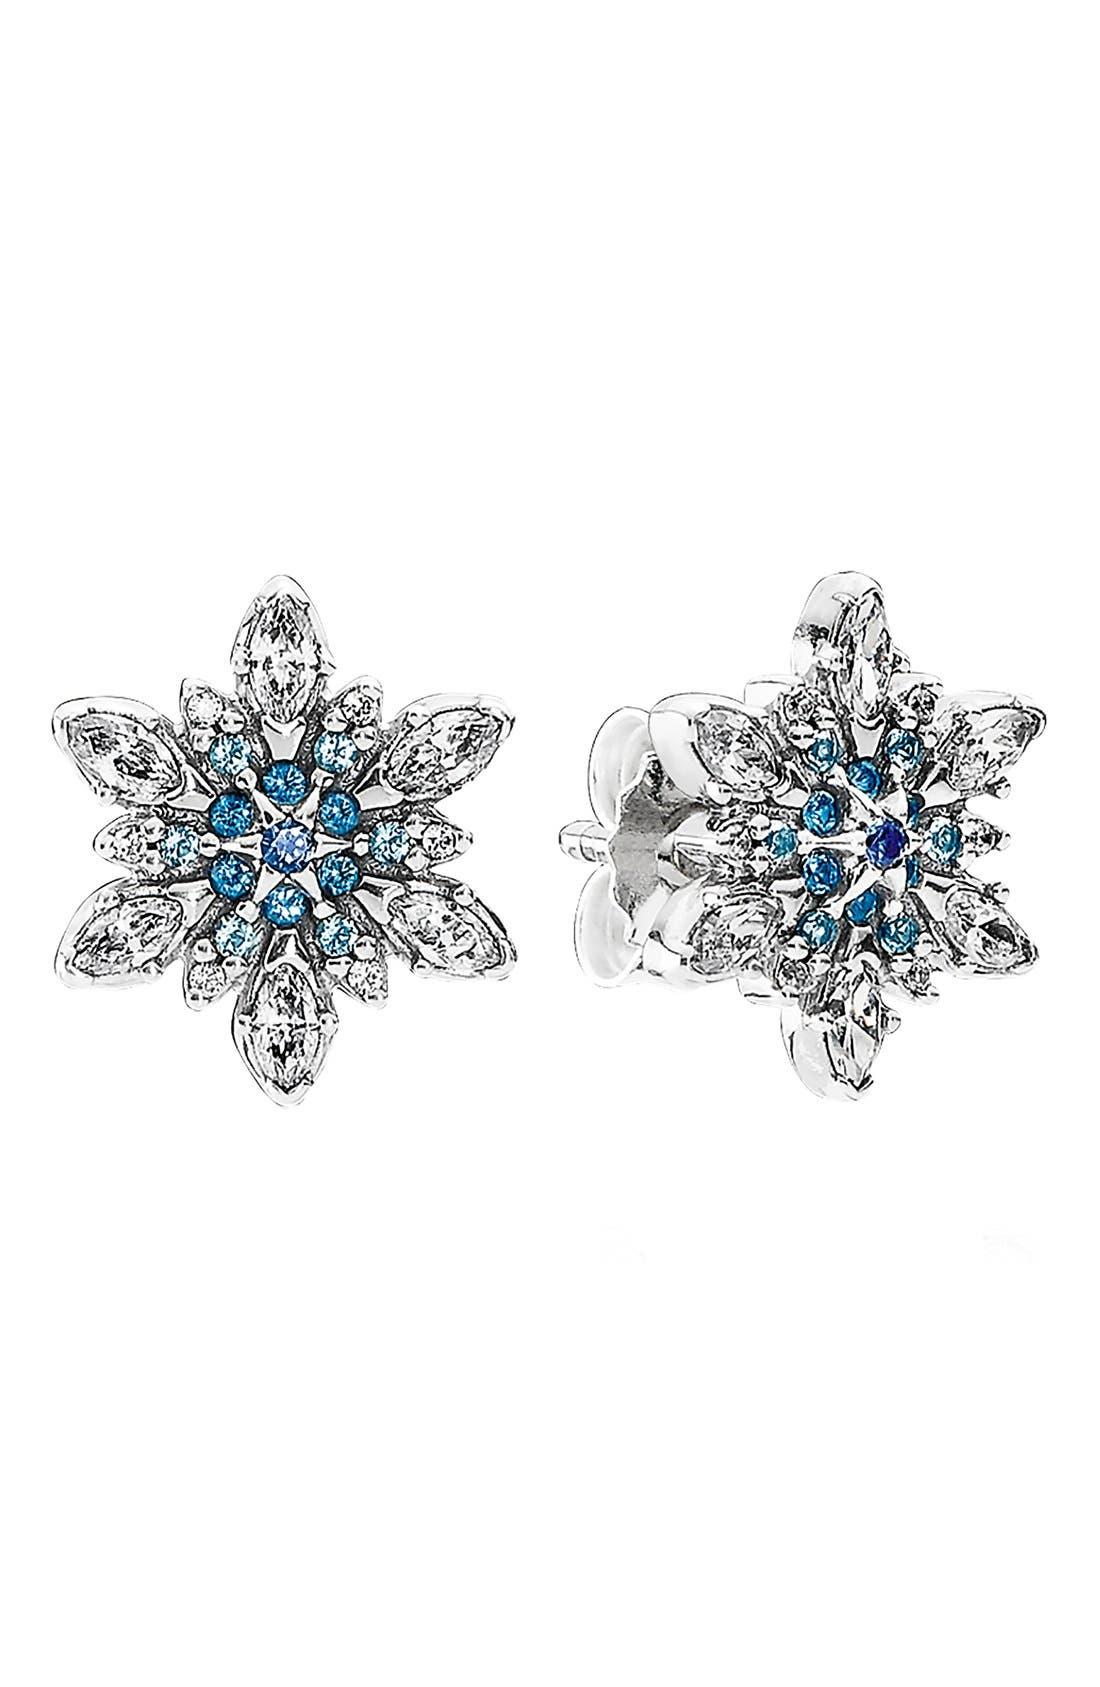 Alternate Image 1 Selected - PANDORA 'Snowflake' Crystal Stud Earrings